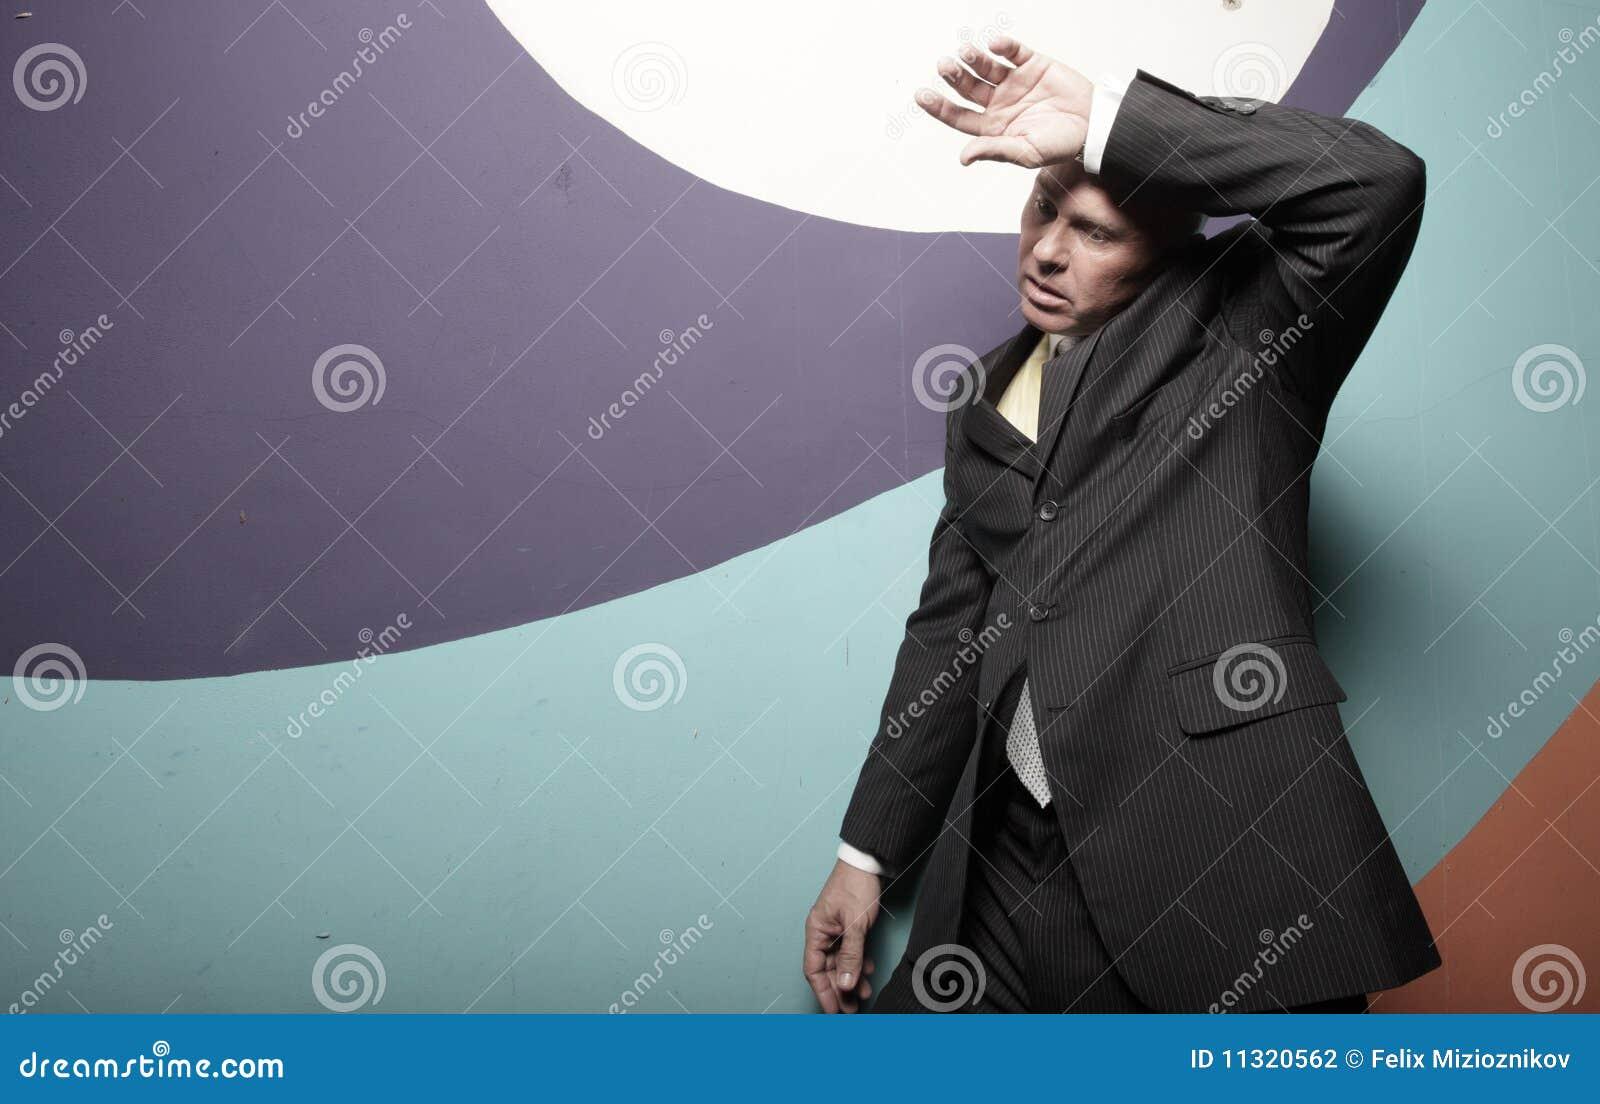 Der Geschäftsmann, der seins abwischt, schwitzte